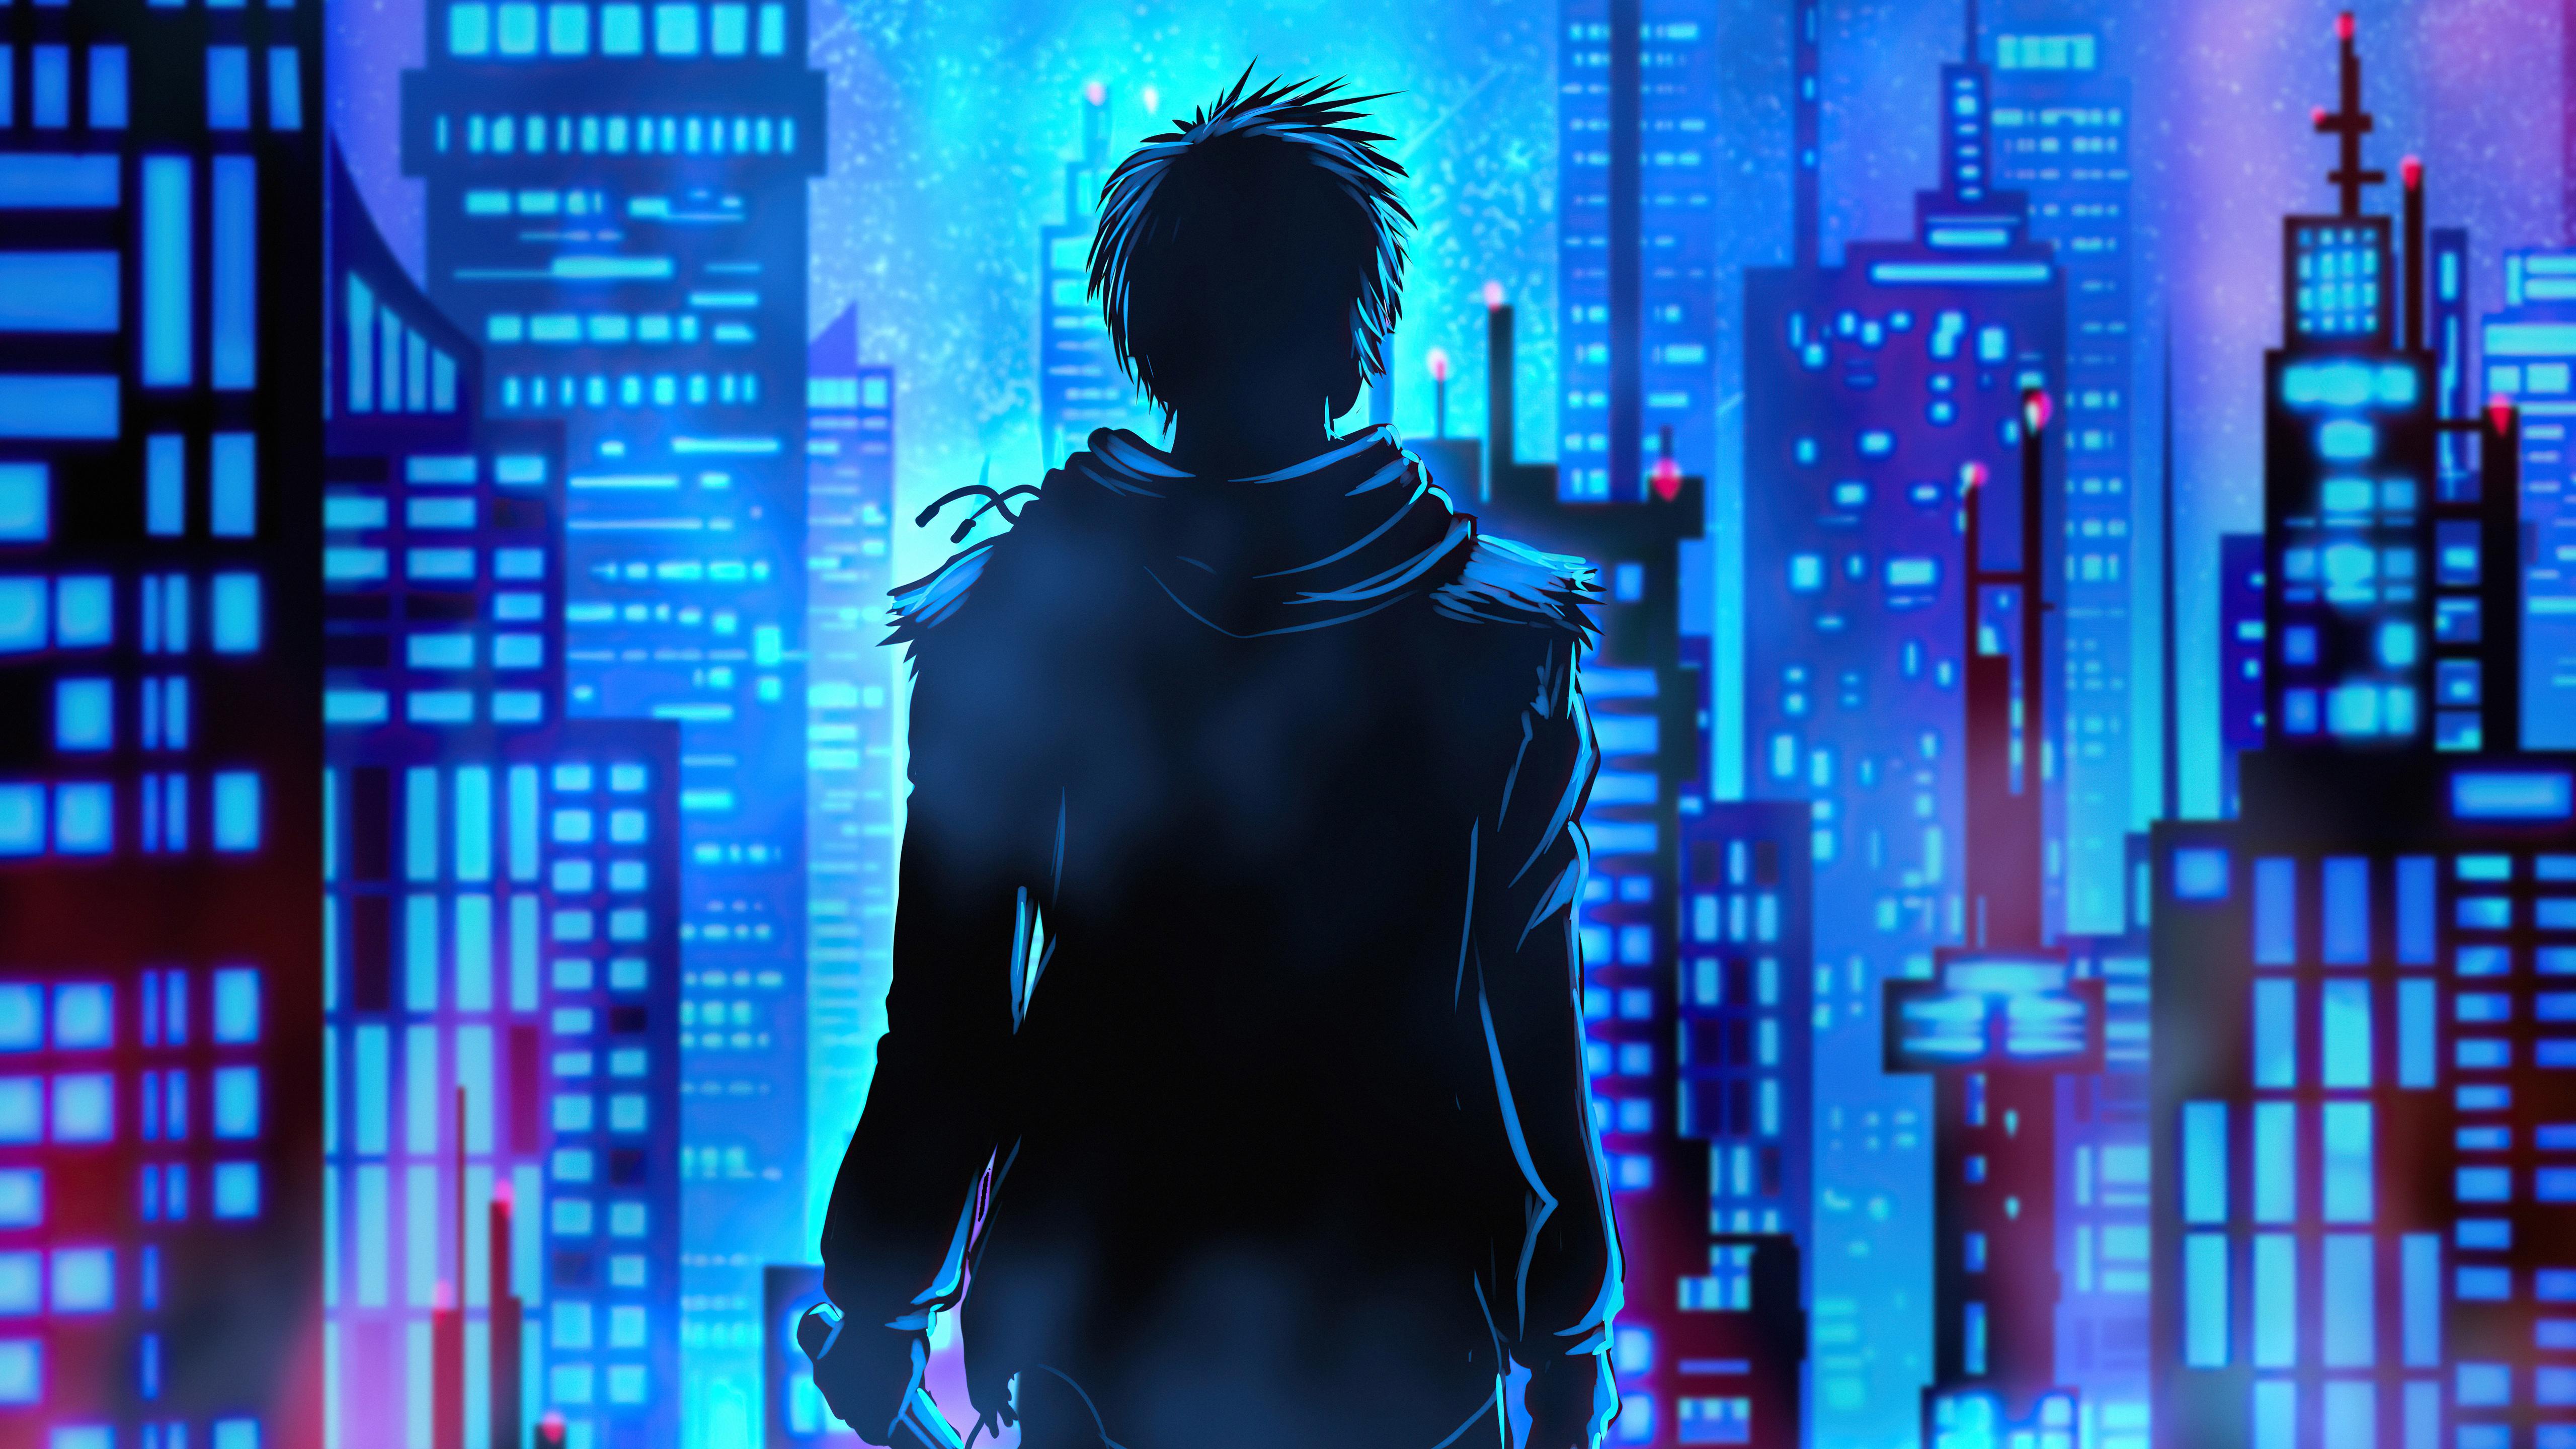 neon buildings 4k 1618133461 - Neon Buildings 4k - Neon Buildings 4k wallpapers